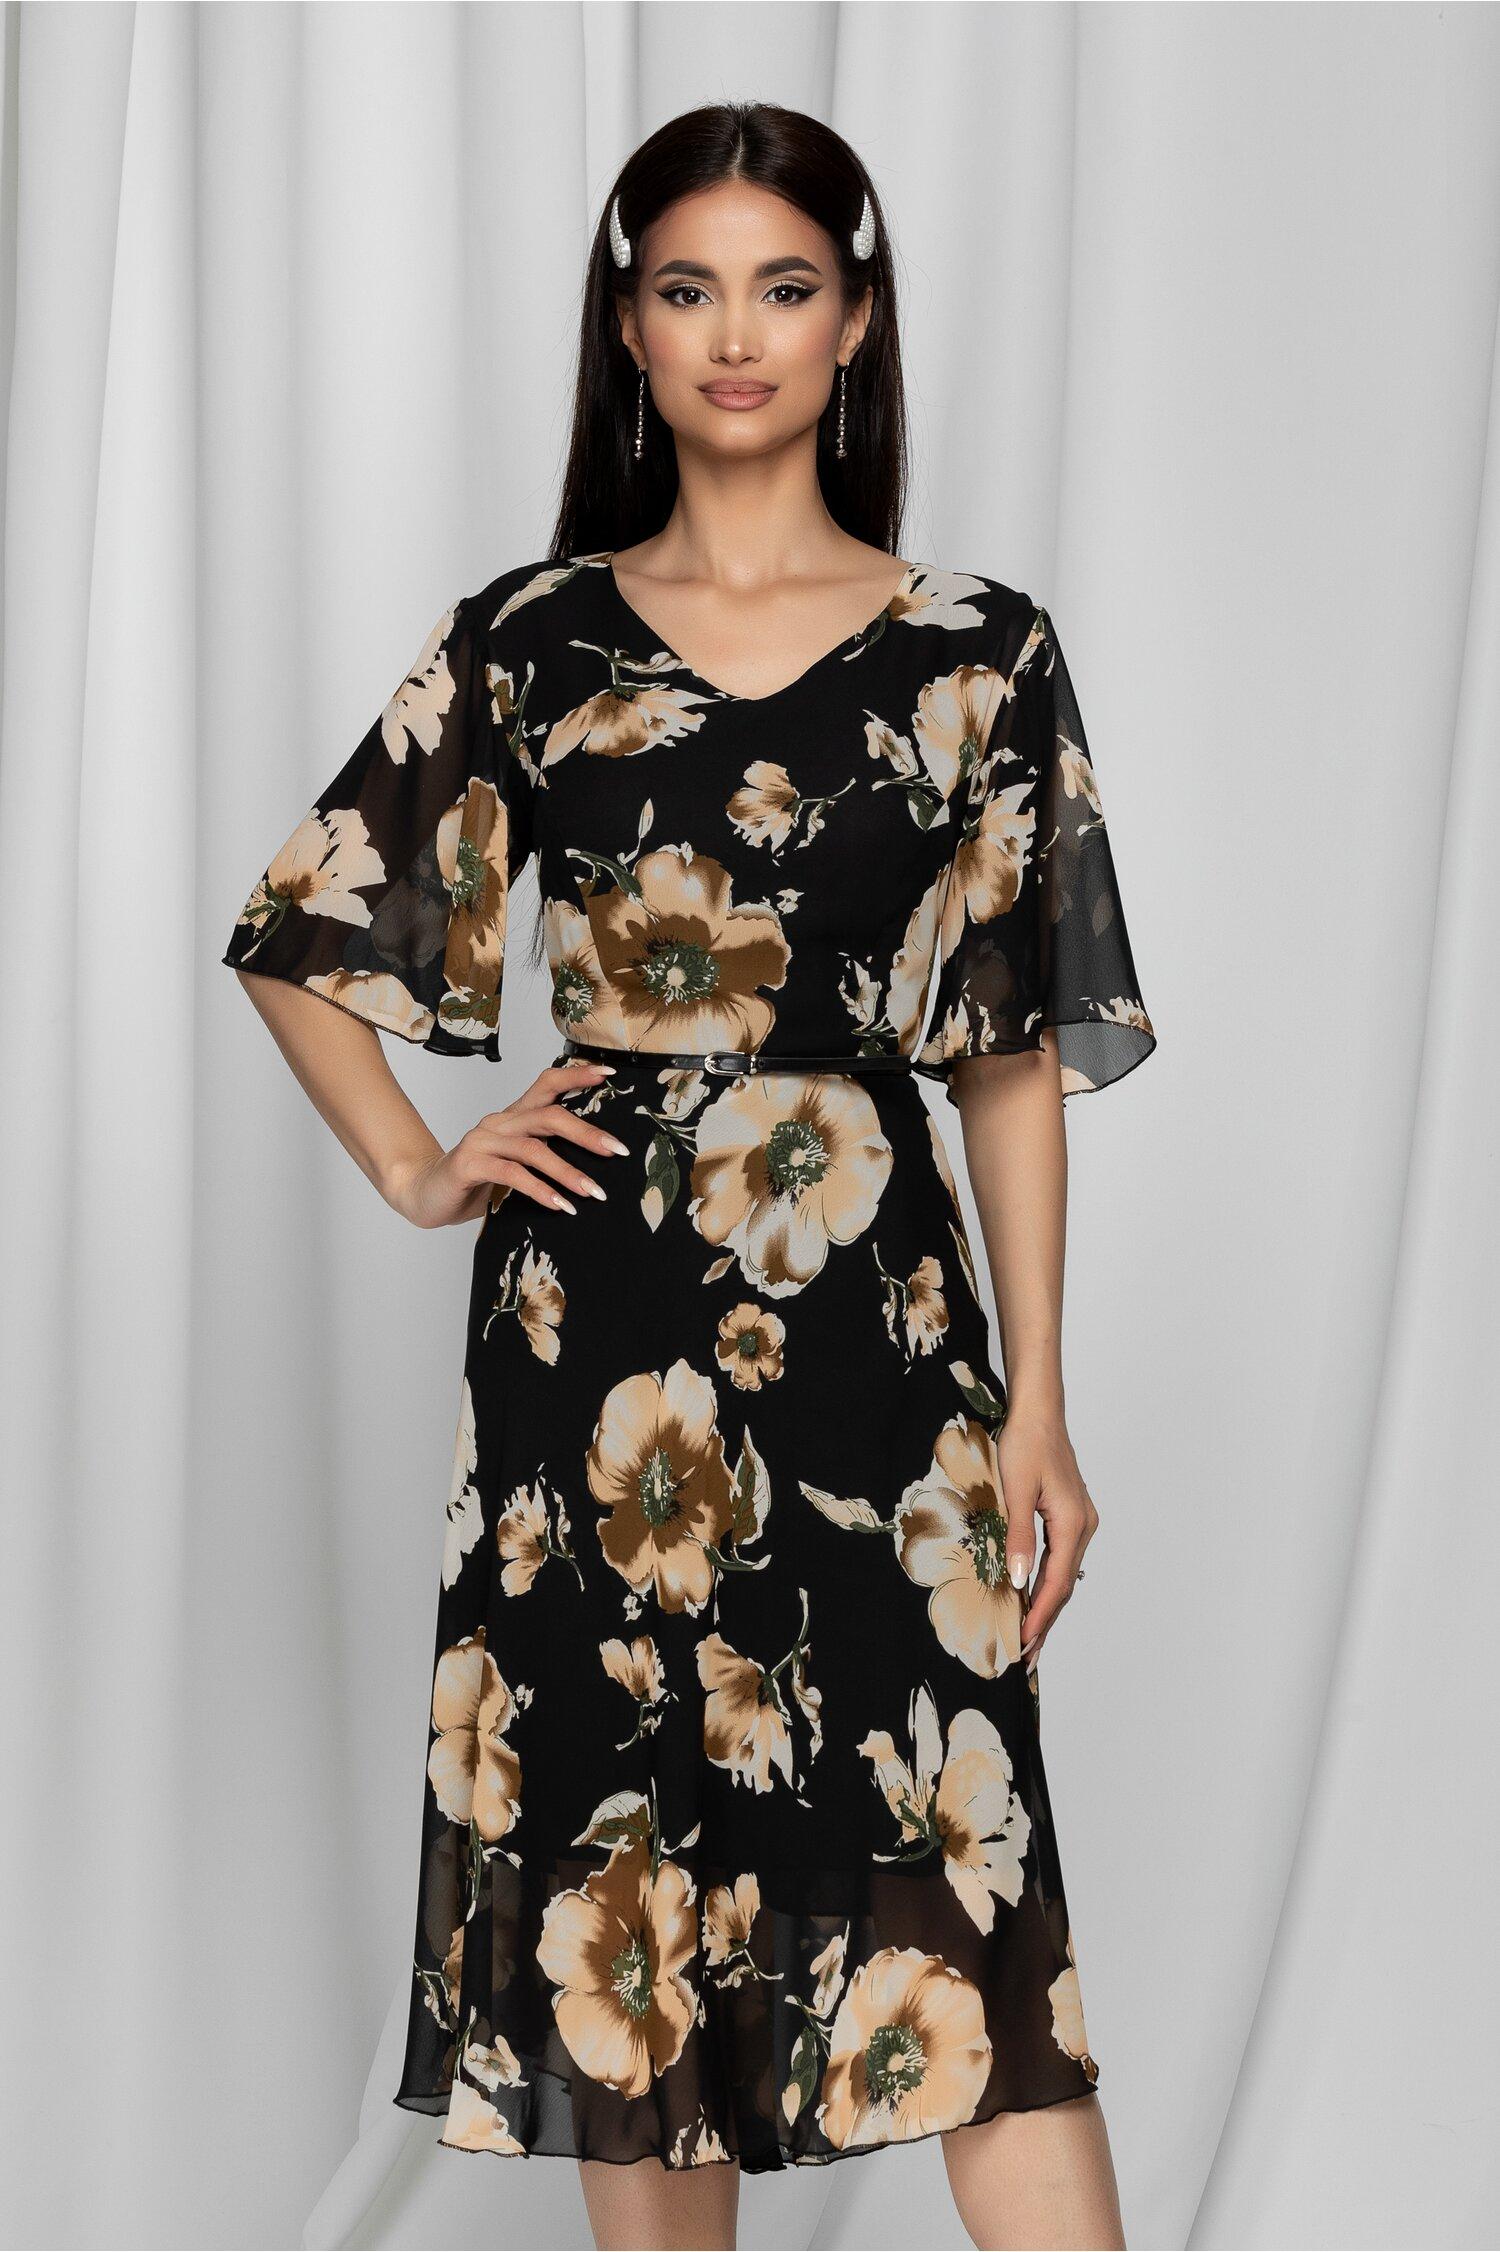 Rochie Melly neagra cu imprimeu floral bej